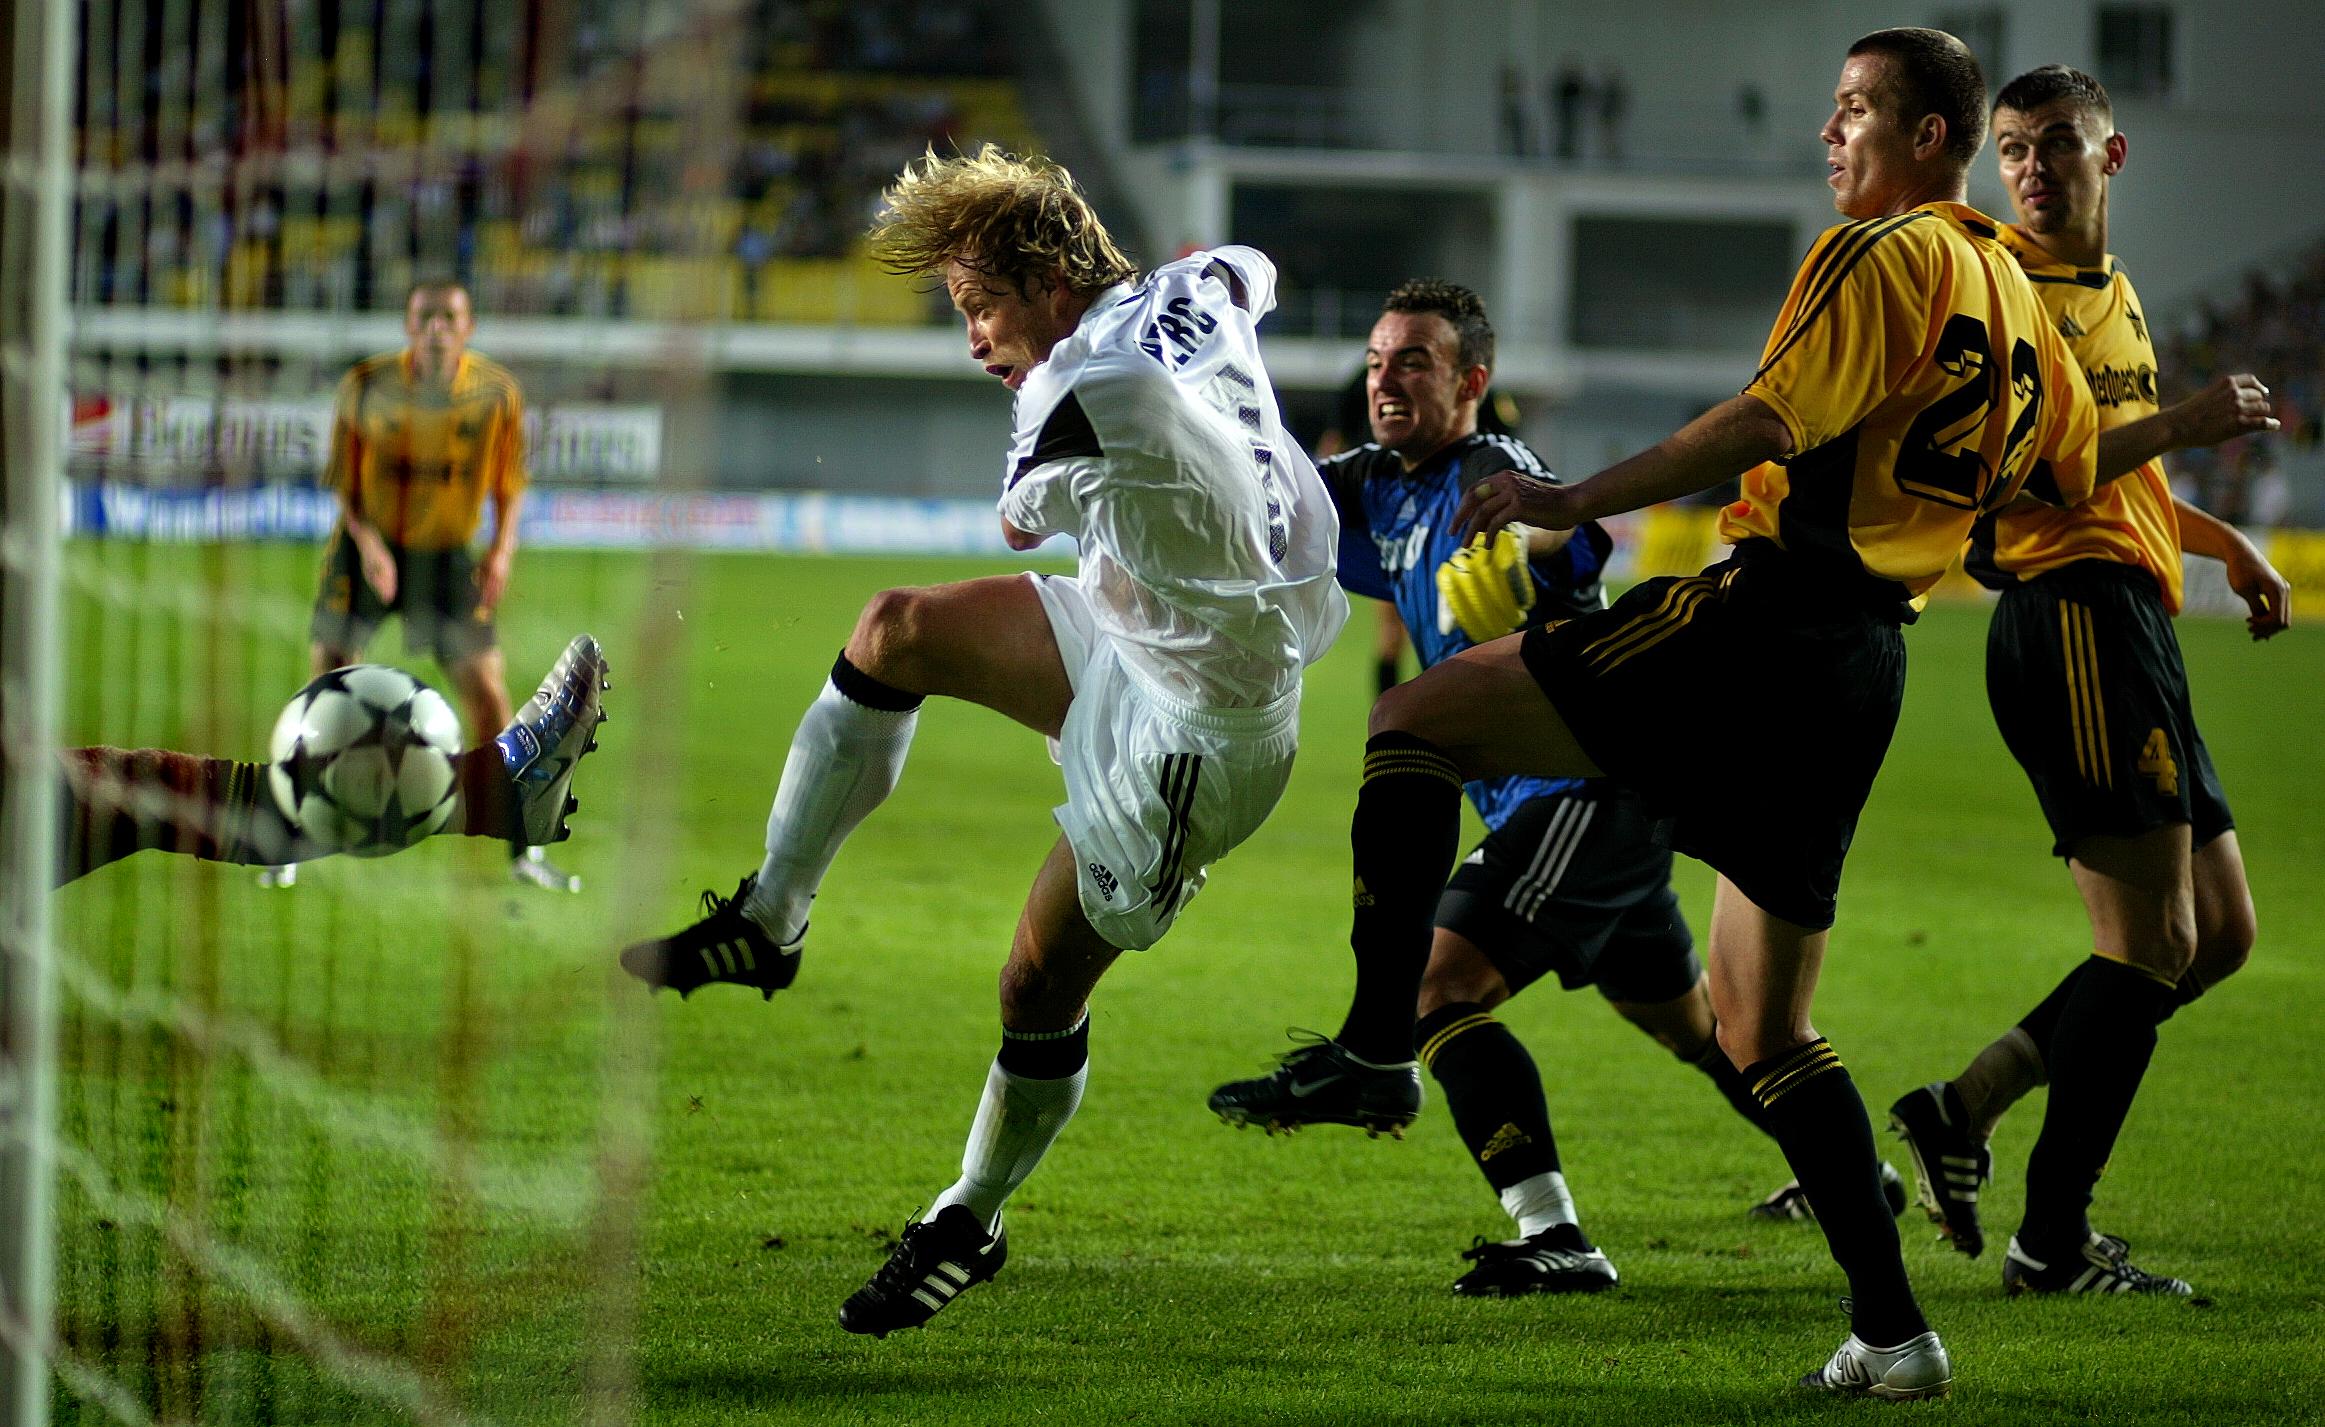 TIRASBOL(VG) FC SHERIFF - ROSENBORG. 0-2. 0-1 målet som Ørjan Berg scoret.